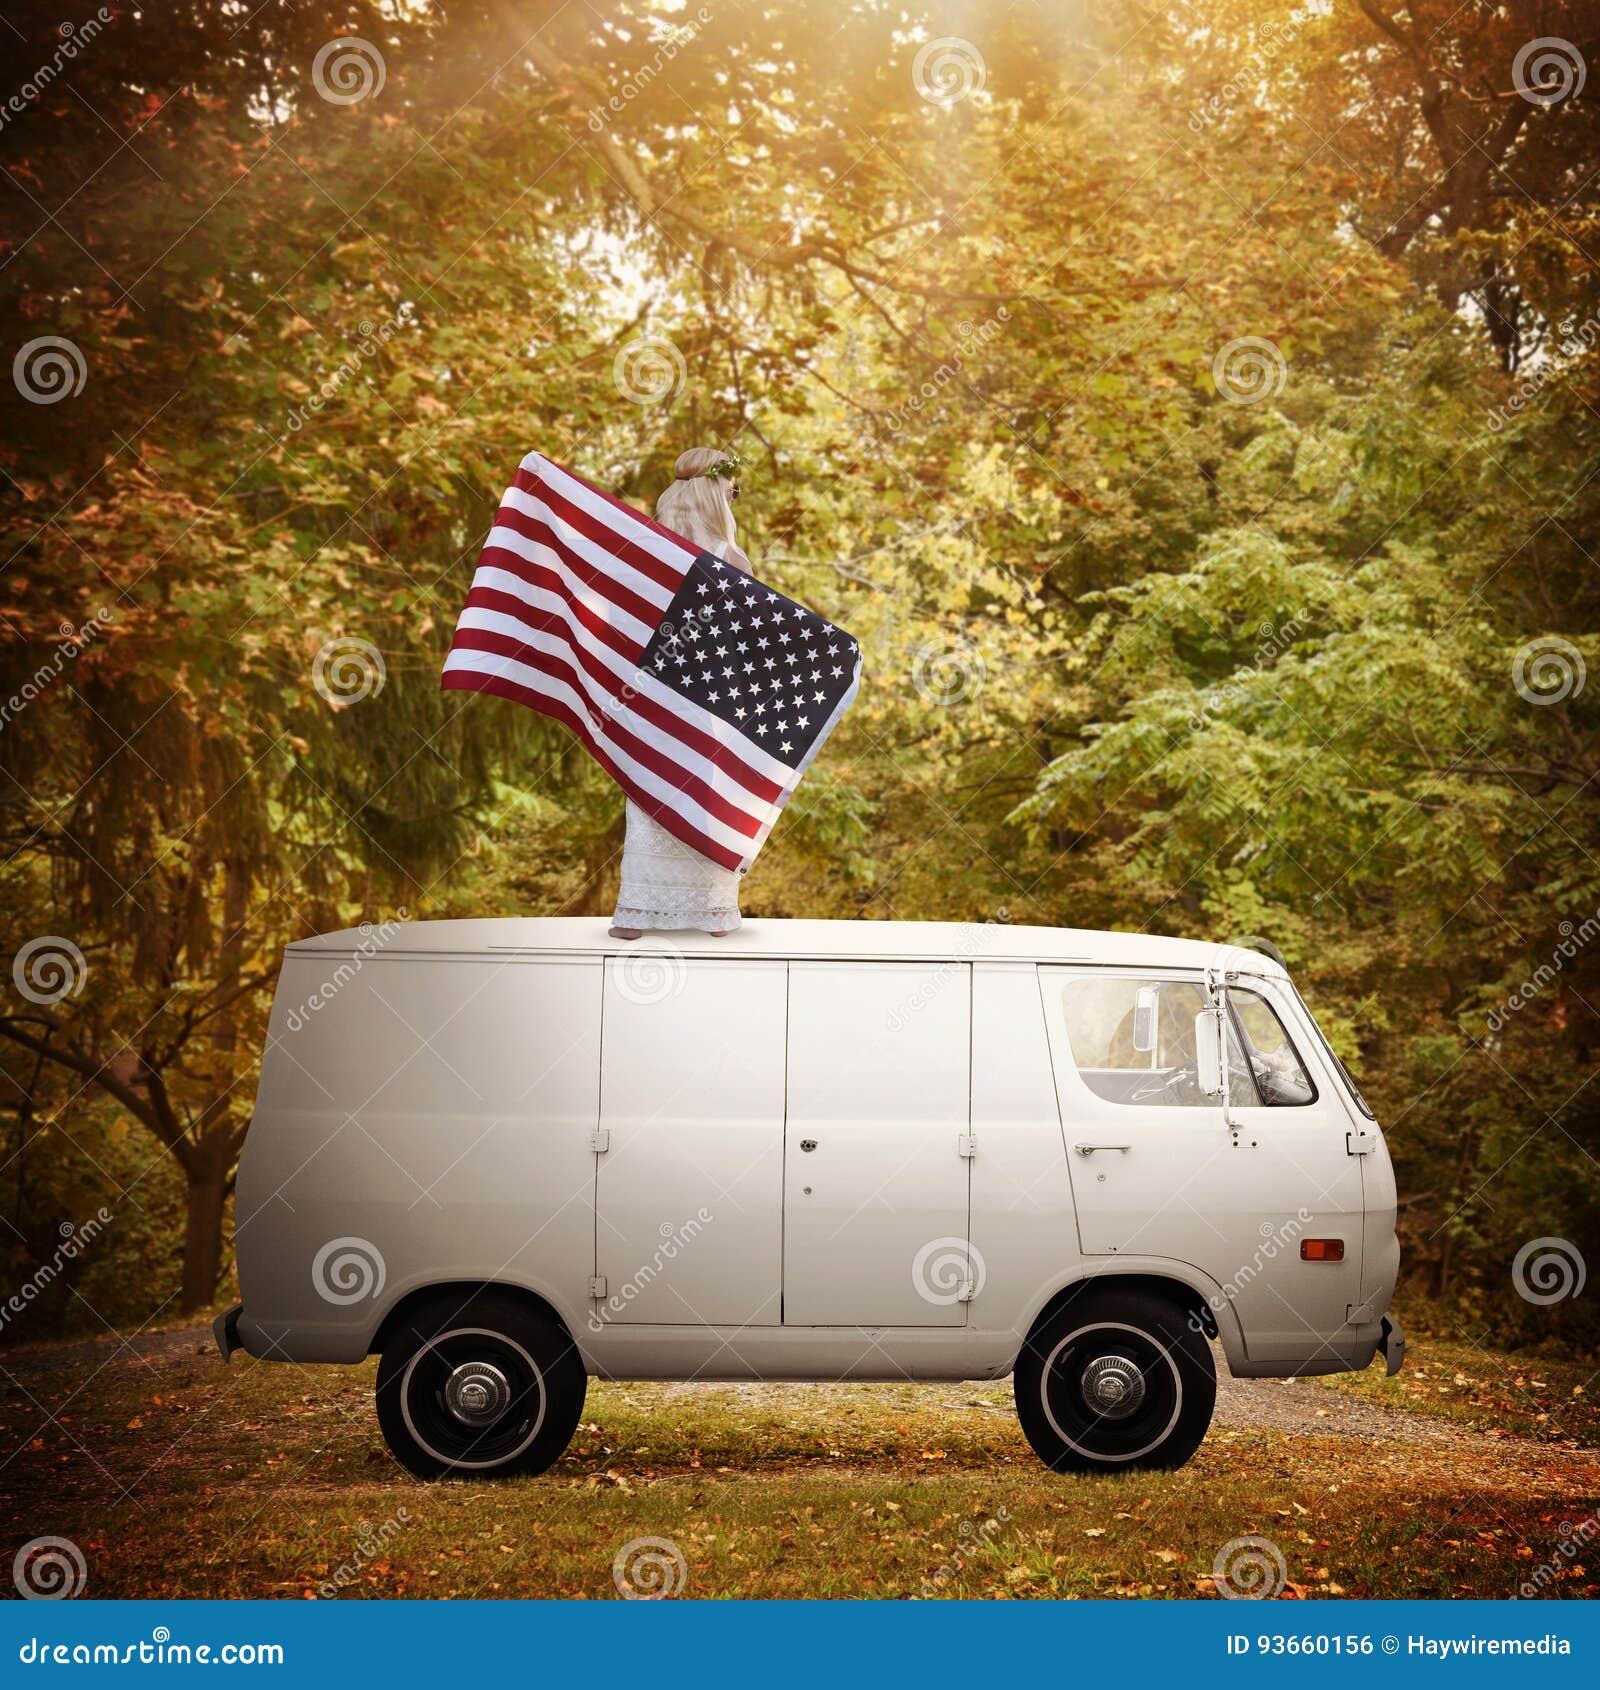 Proud American Woman Holding Flag on Vintage Van